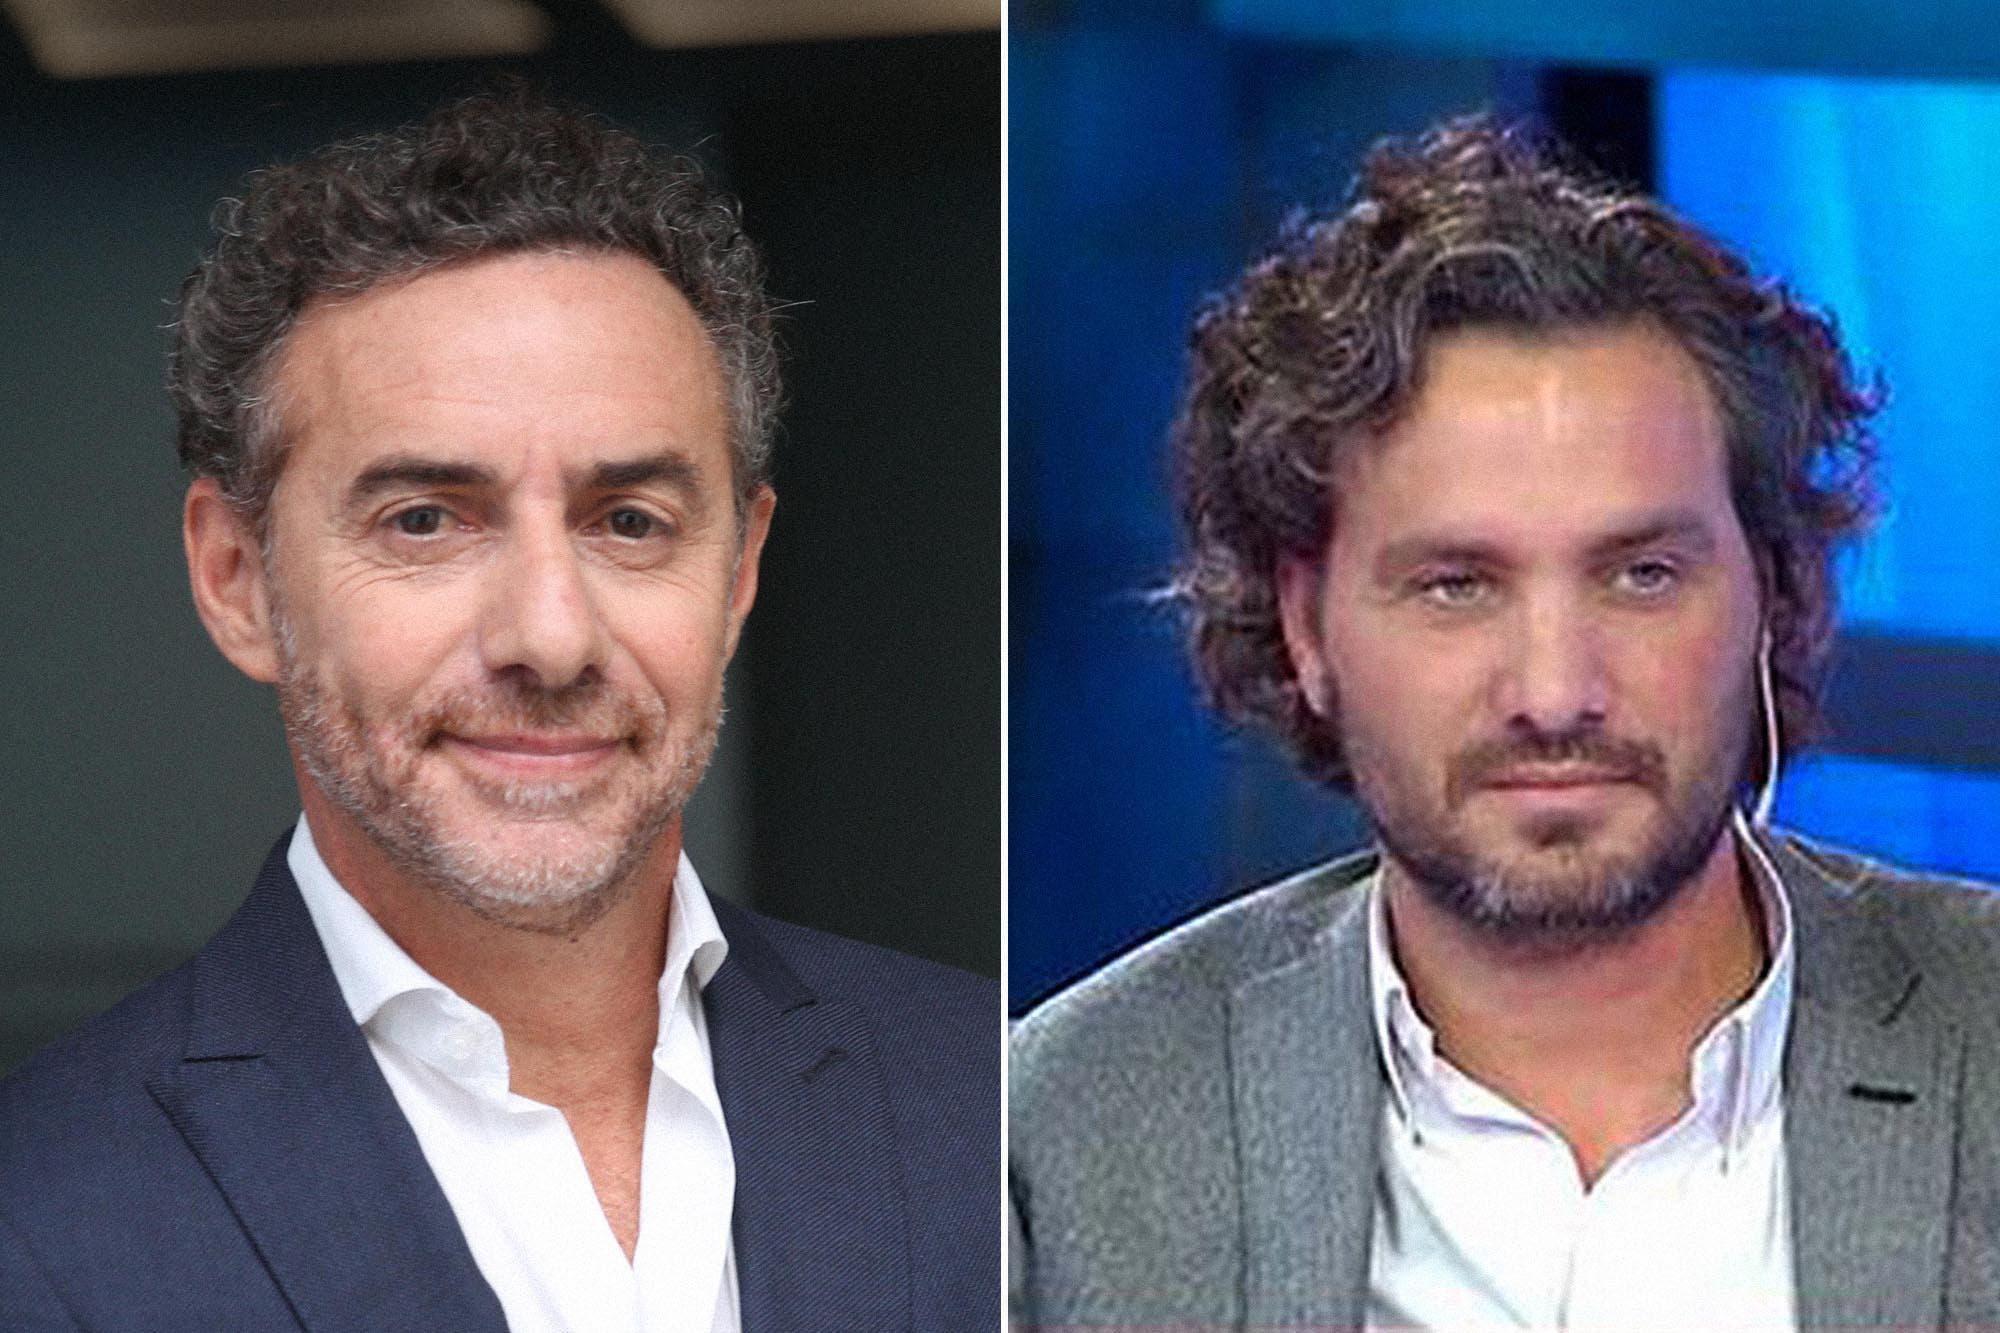 """Luis Majul cruzó al jefe de campaña de Alberto Fernández: """"¿Por qué ese nivel de agresión?"""""""